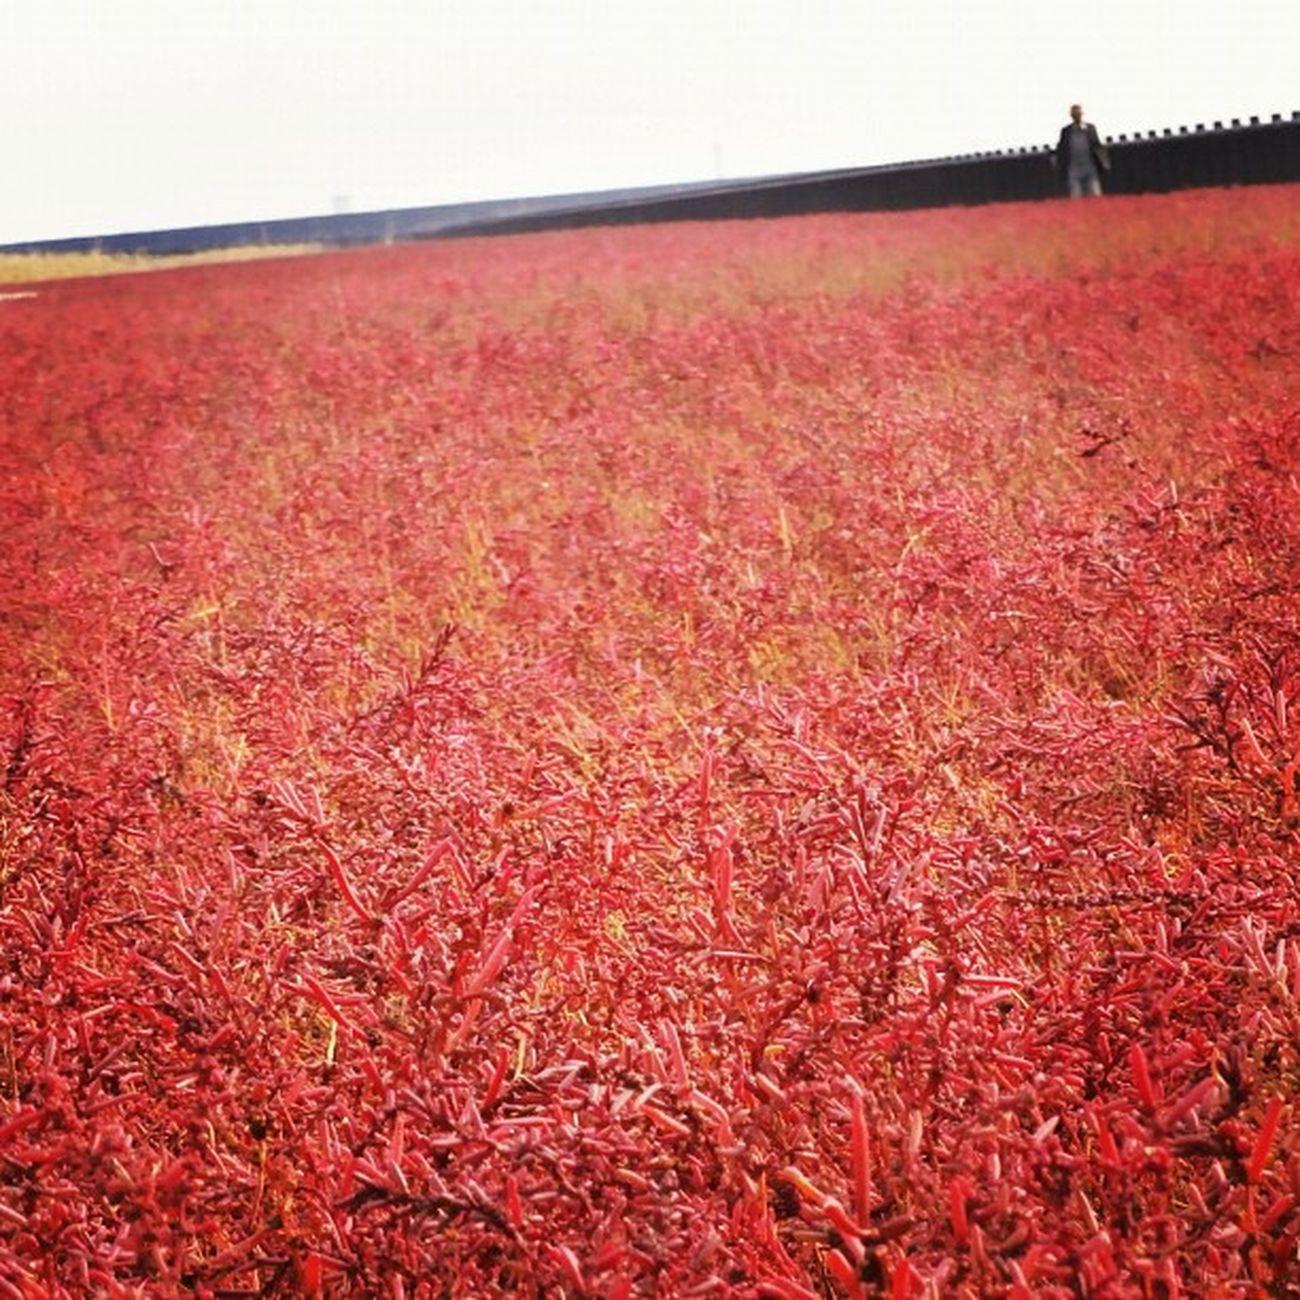 海の紅葉 #シチメンソウ 東与賀海岸 新幹線が落雷停電で遅れてお昼食べれなかったのと、よく頑張ったご褒美にと先生が連れて行ってくれました。めっちゃきれかった!